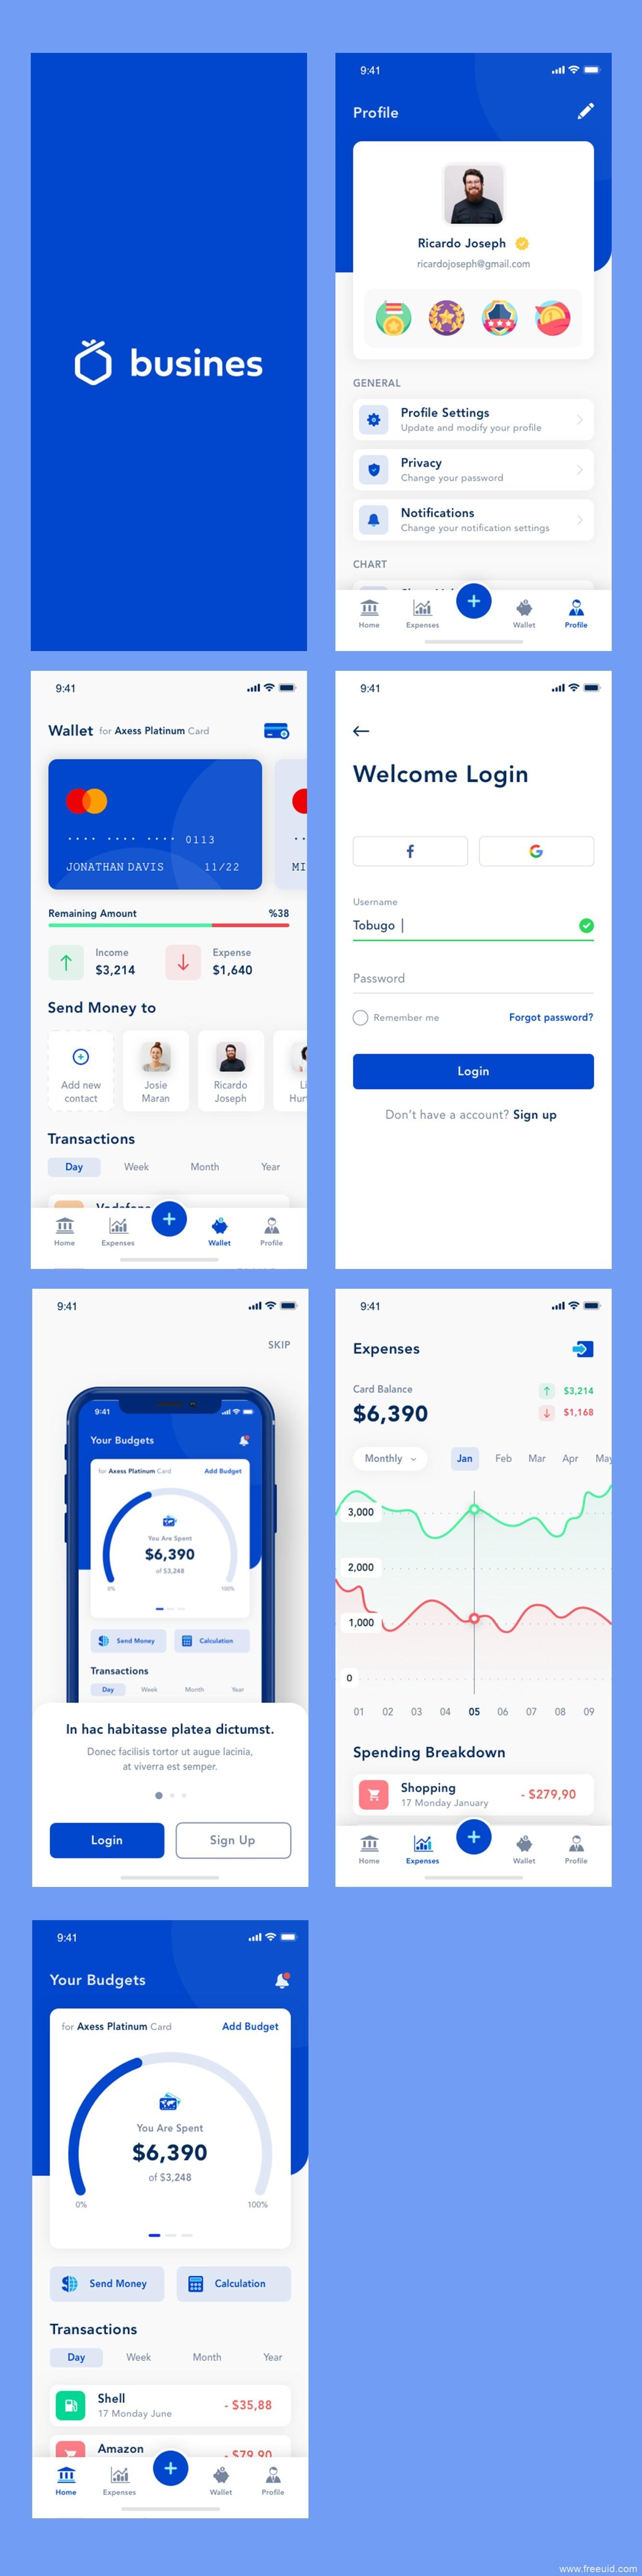 金融应用程序app界面、商业银行应用程序UI界面sketch源文件下载